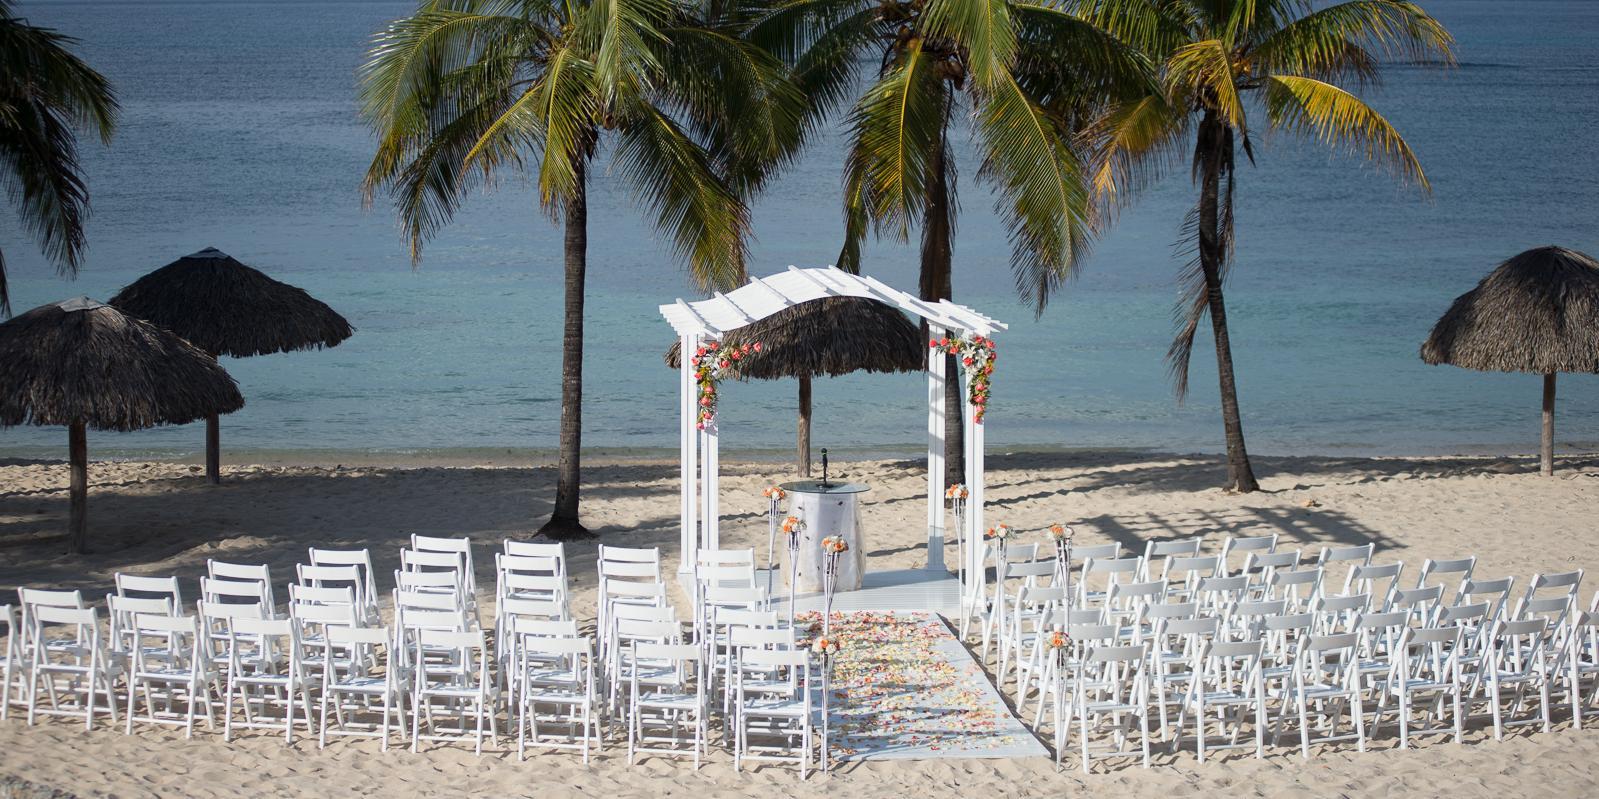 bodas-estilo-libre-sin-tema-cuba-6851.jpg